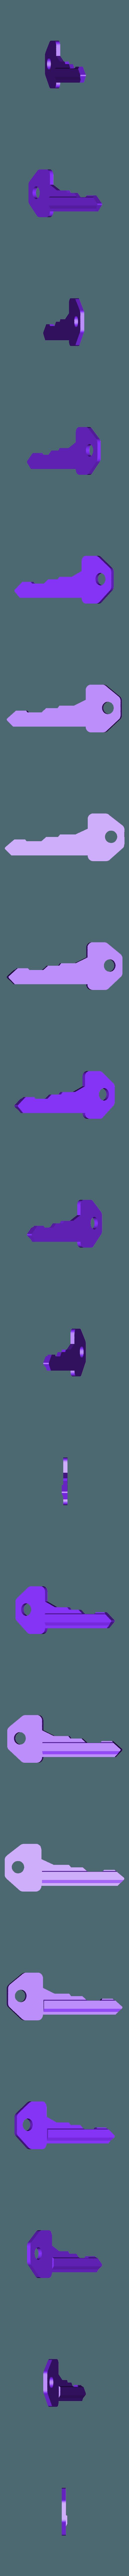 1904-07_Part04.stl Télécharger fichier STL gratuit Serrure imprimée 3D • Objet imprimable en 3D, EL3D